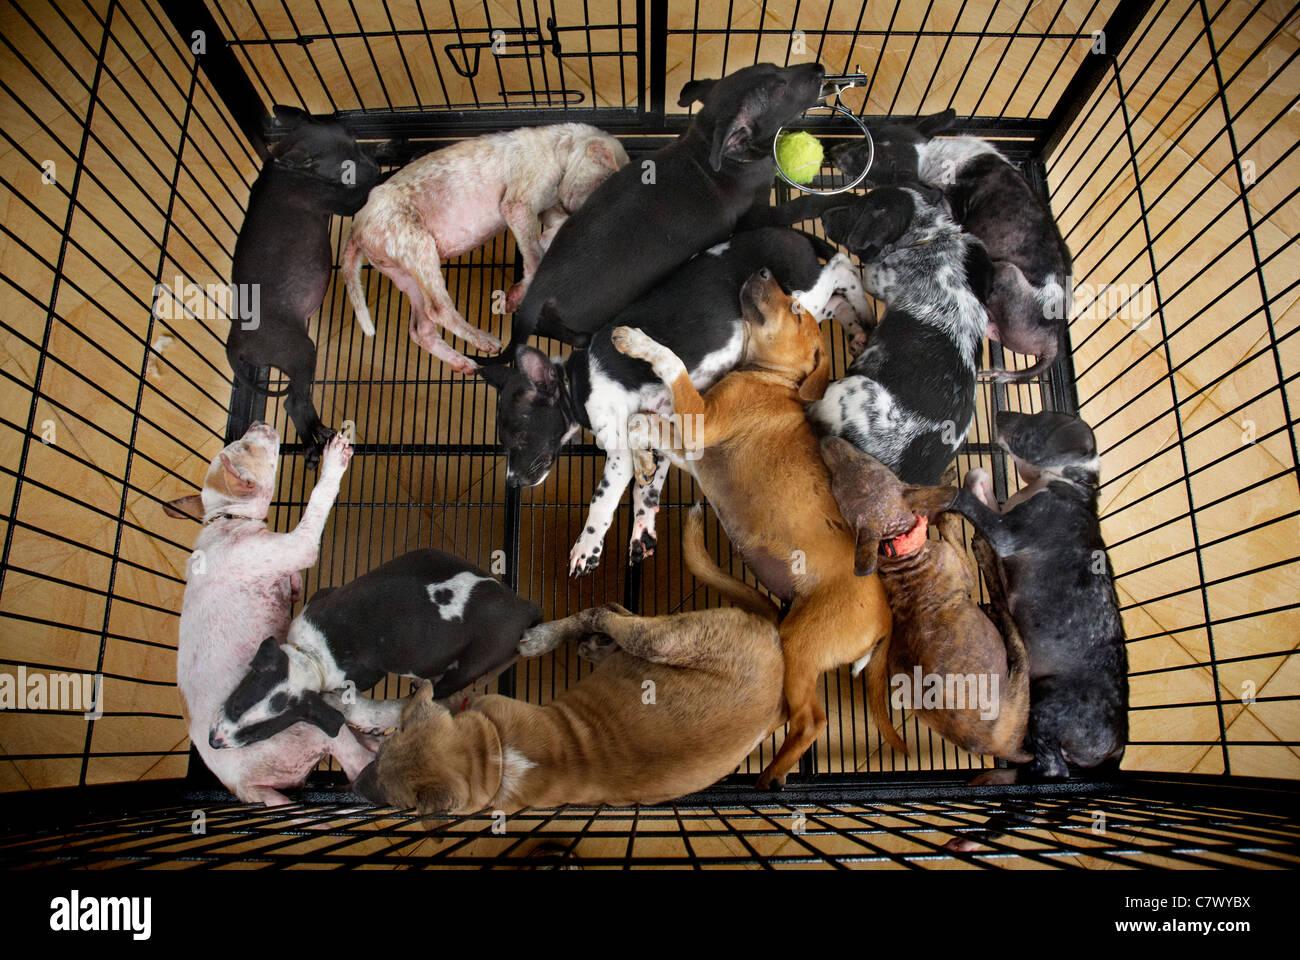 Cuccioli indesiderati a BAWA il benessere degli animali, Bali Indonesia Immagini Stock